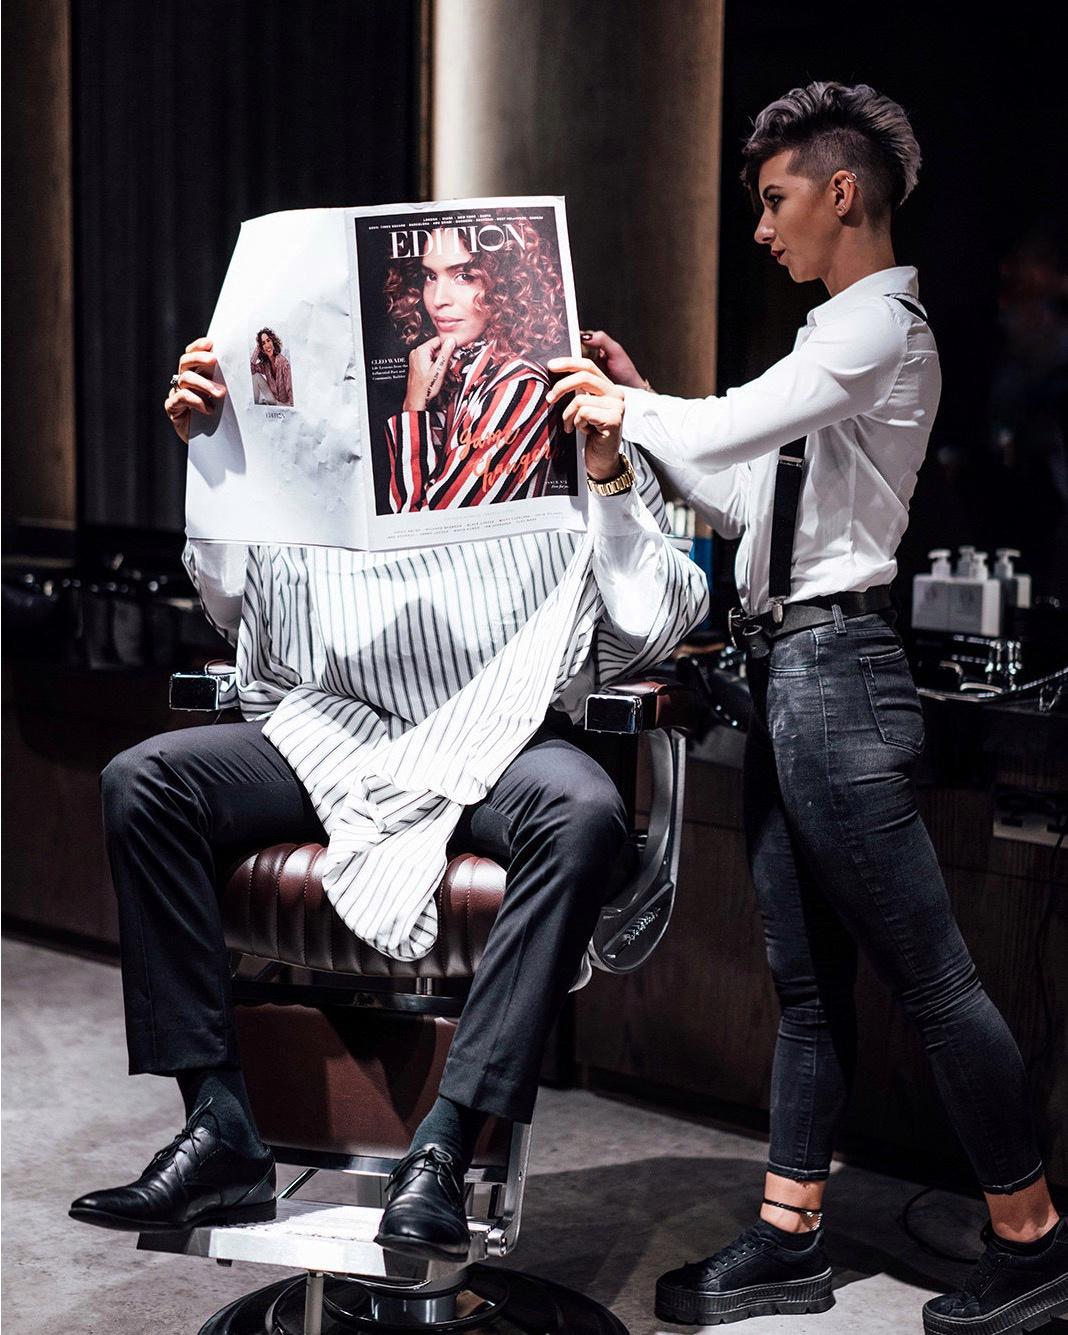 تشابس آند كو تفتتح أول صالوناتها للحلاقة الرجالية في أبوظبي